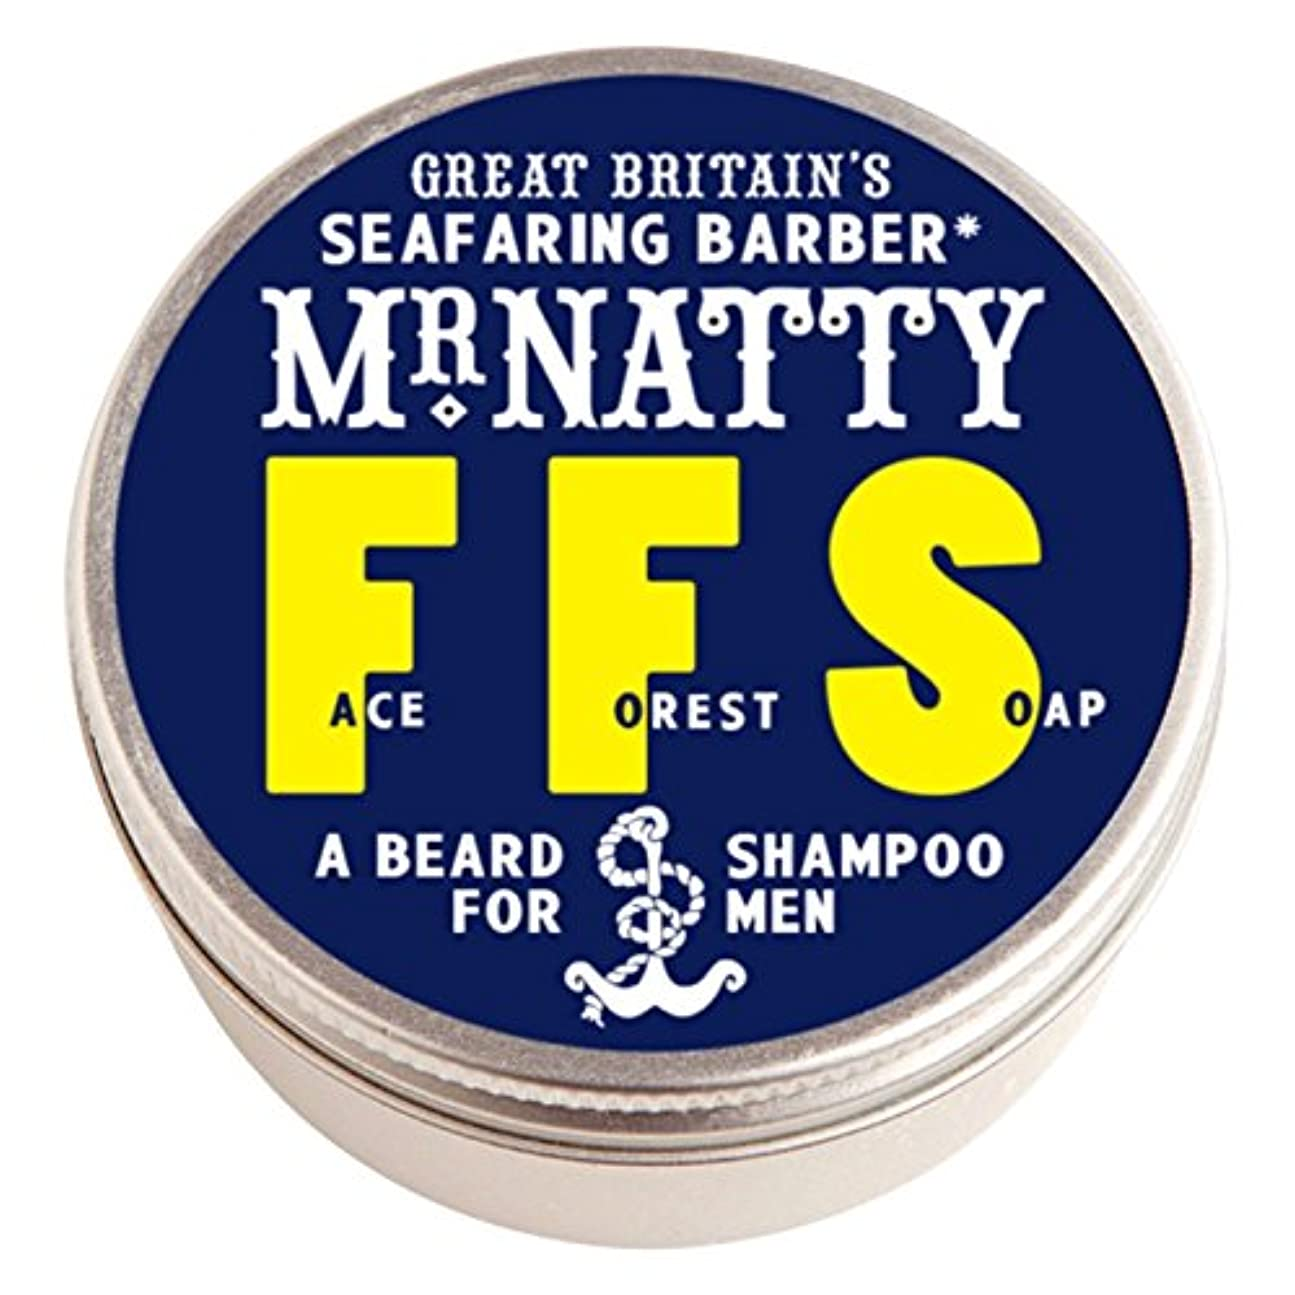 業界貸し手スナップミスター粋の森林顔ひげシャンプー (Mr Natty) (x6) - Mr Natty's Forest Face Beard Shampoo (Pack of 6) [並行輸入品]